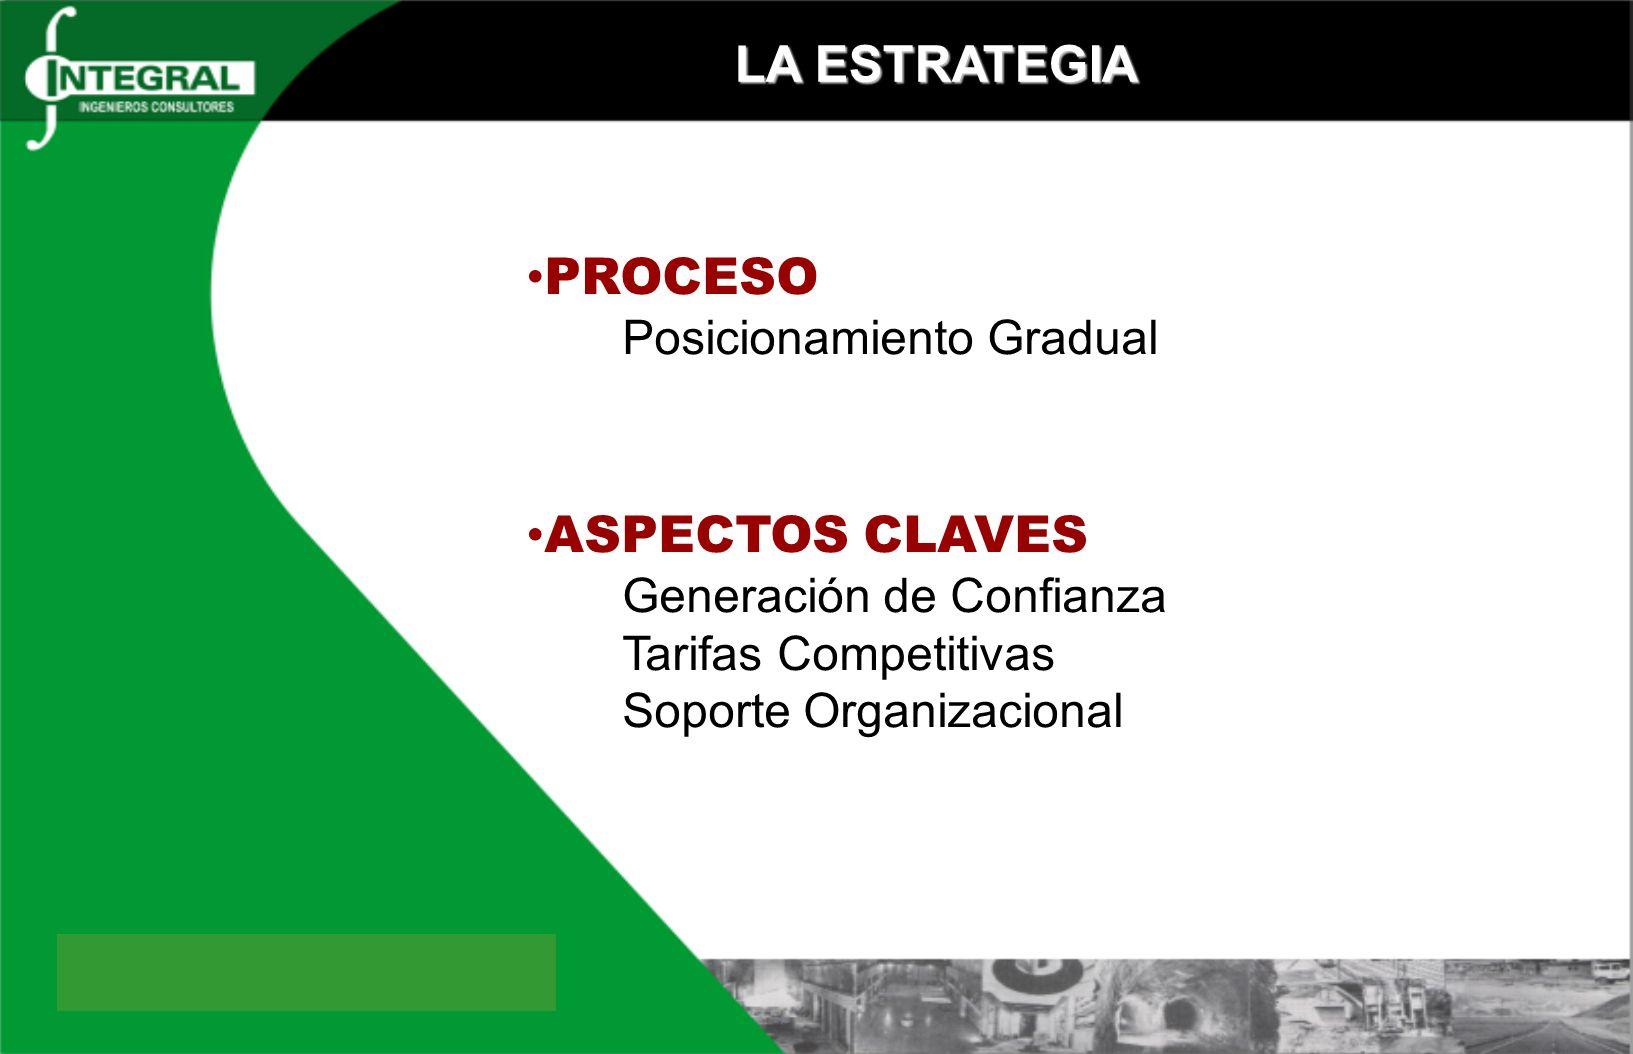 LA ESTRATEGIA PROCESO Posicionamiento Gradual ASPECTOS CLAVES Generación de Confianza Tarifas Competitivas Soporte Organizacional